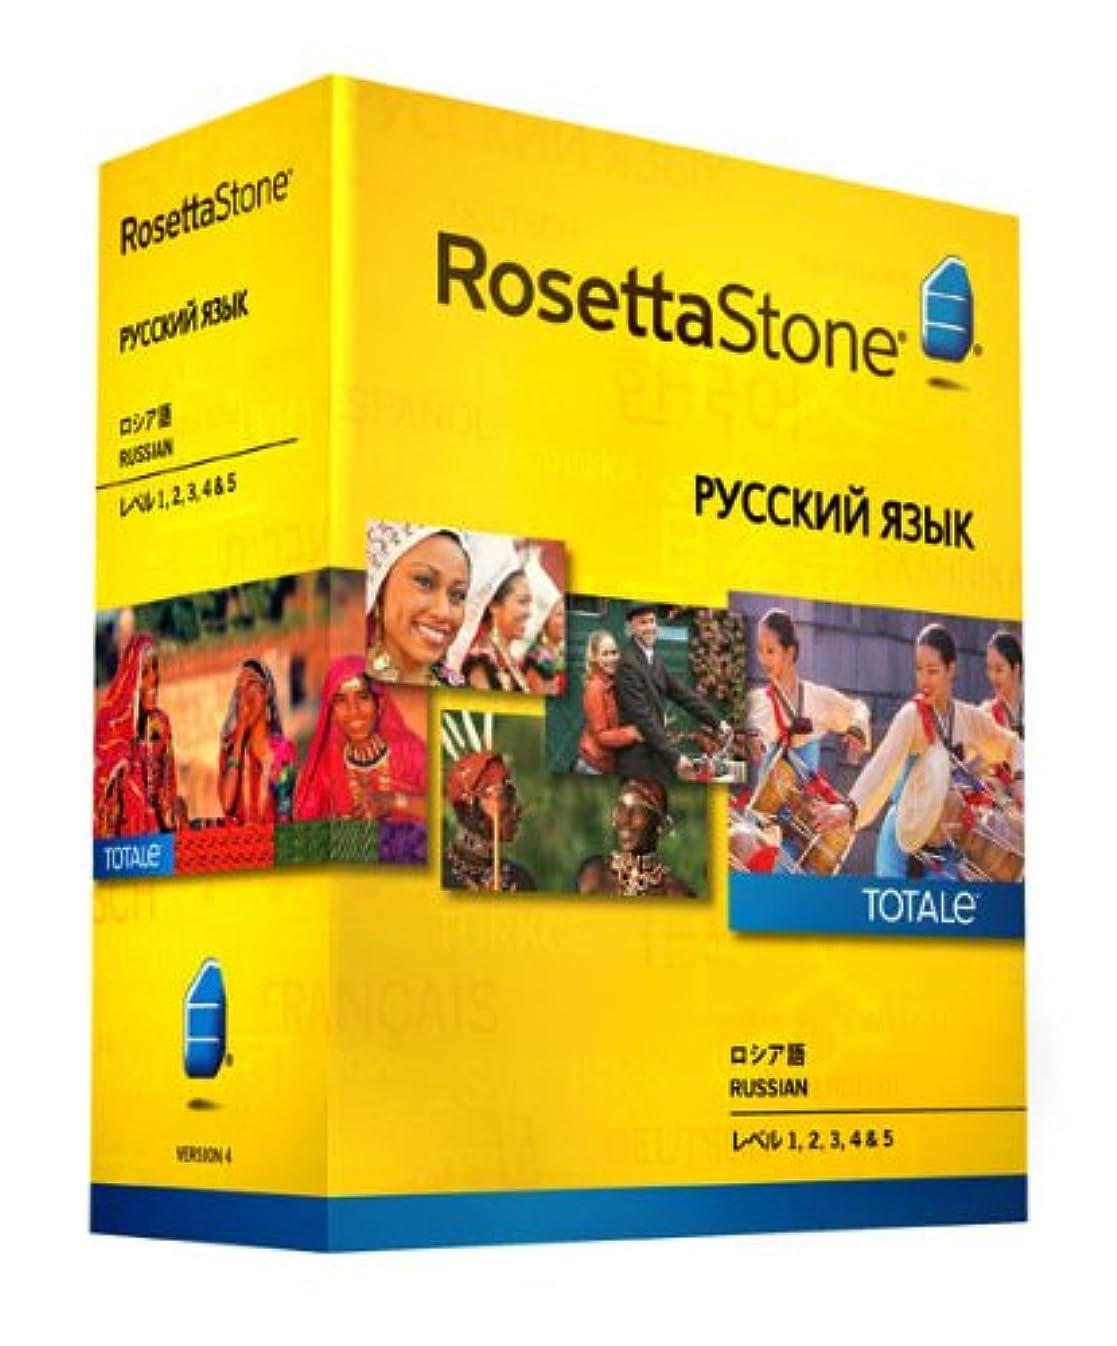 カレッジヨーロッパ許すロゼッタストーン ロシア語 レベル1、2、3、4&5セット v4 TOTALe オンライン15か月版